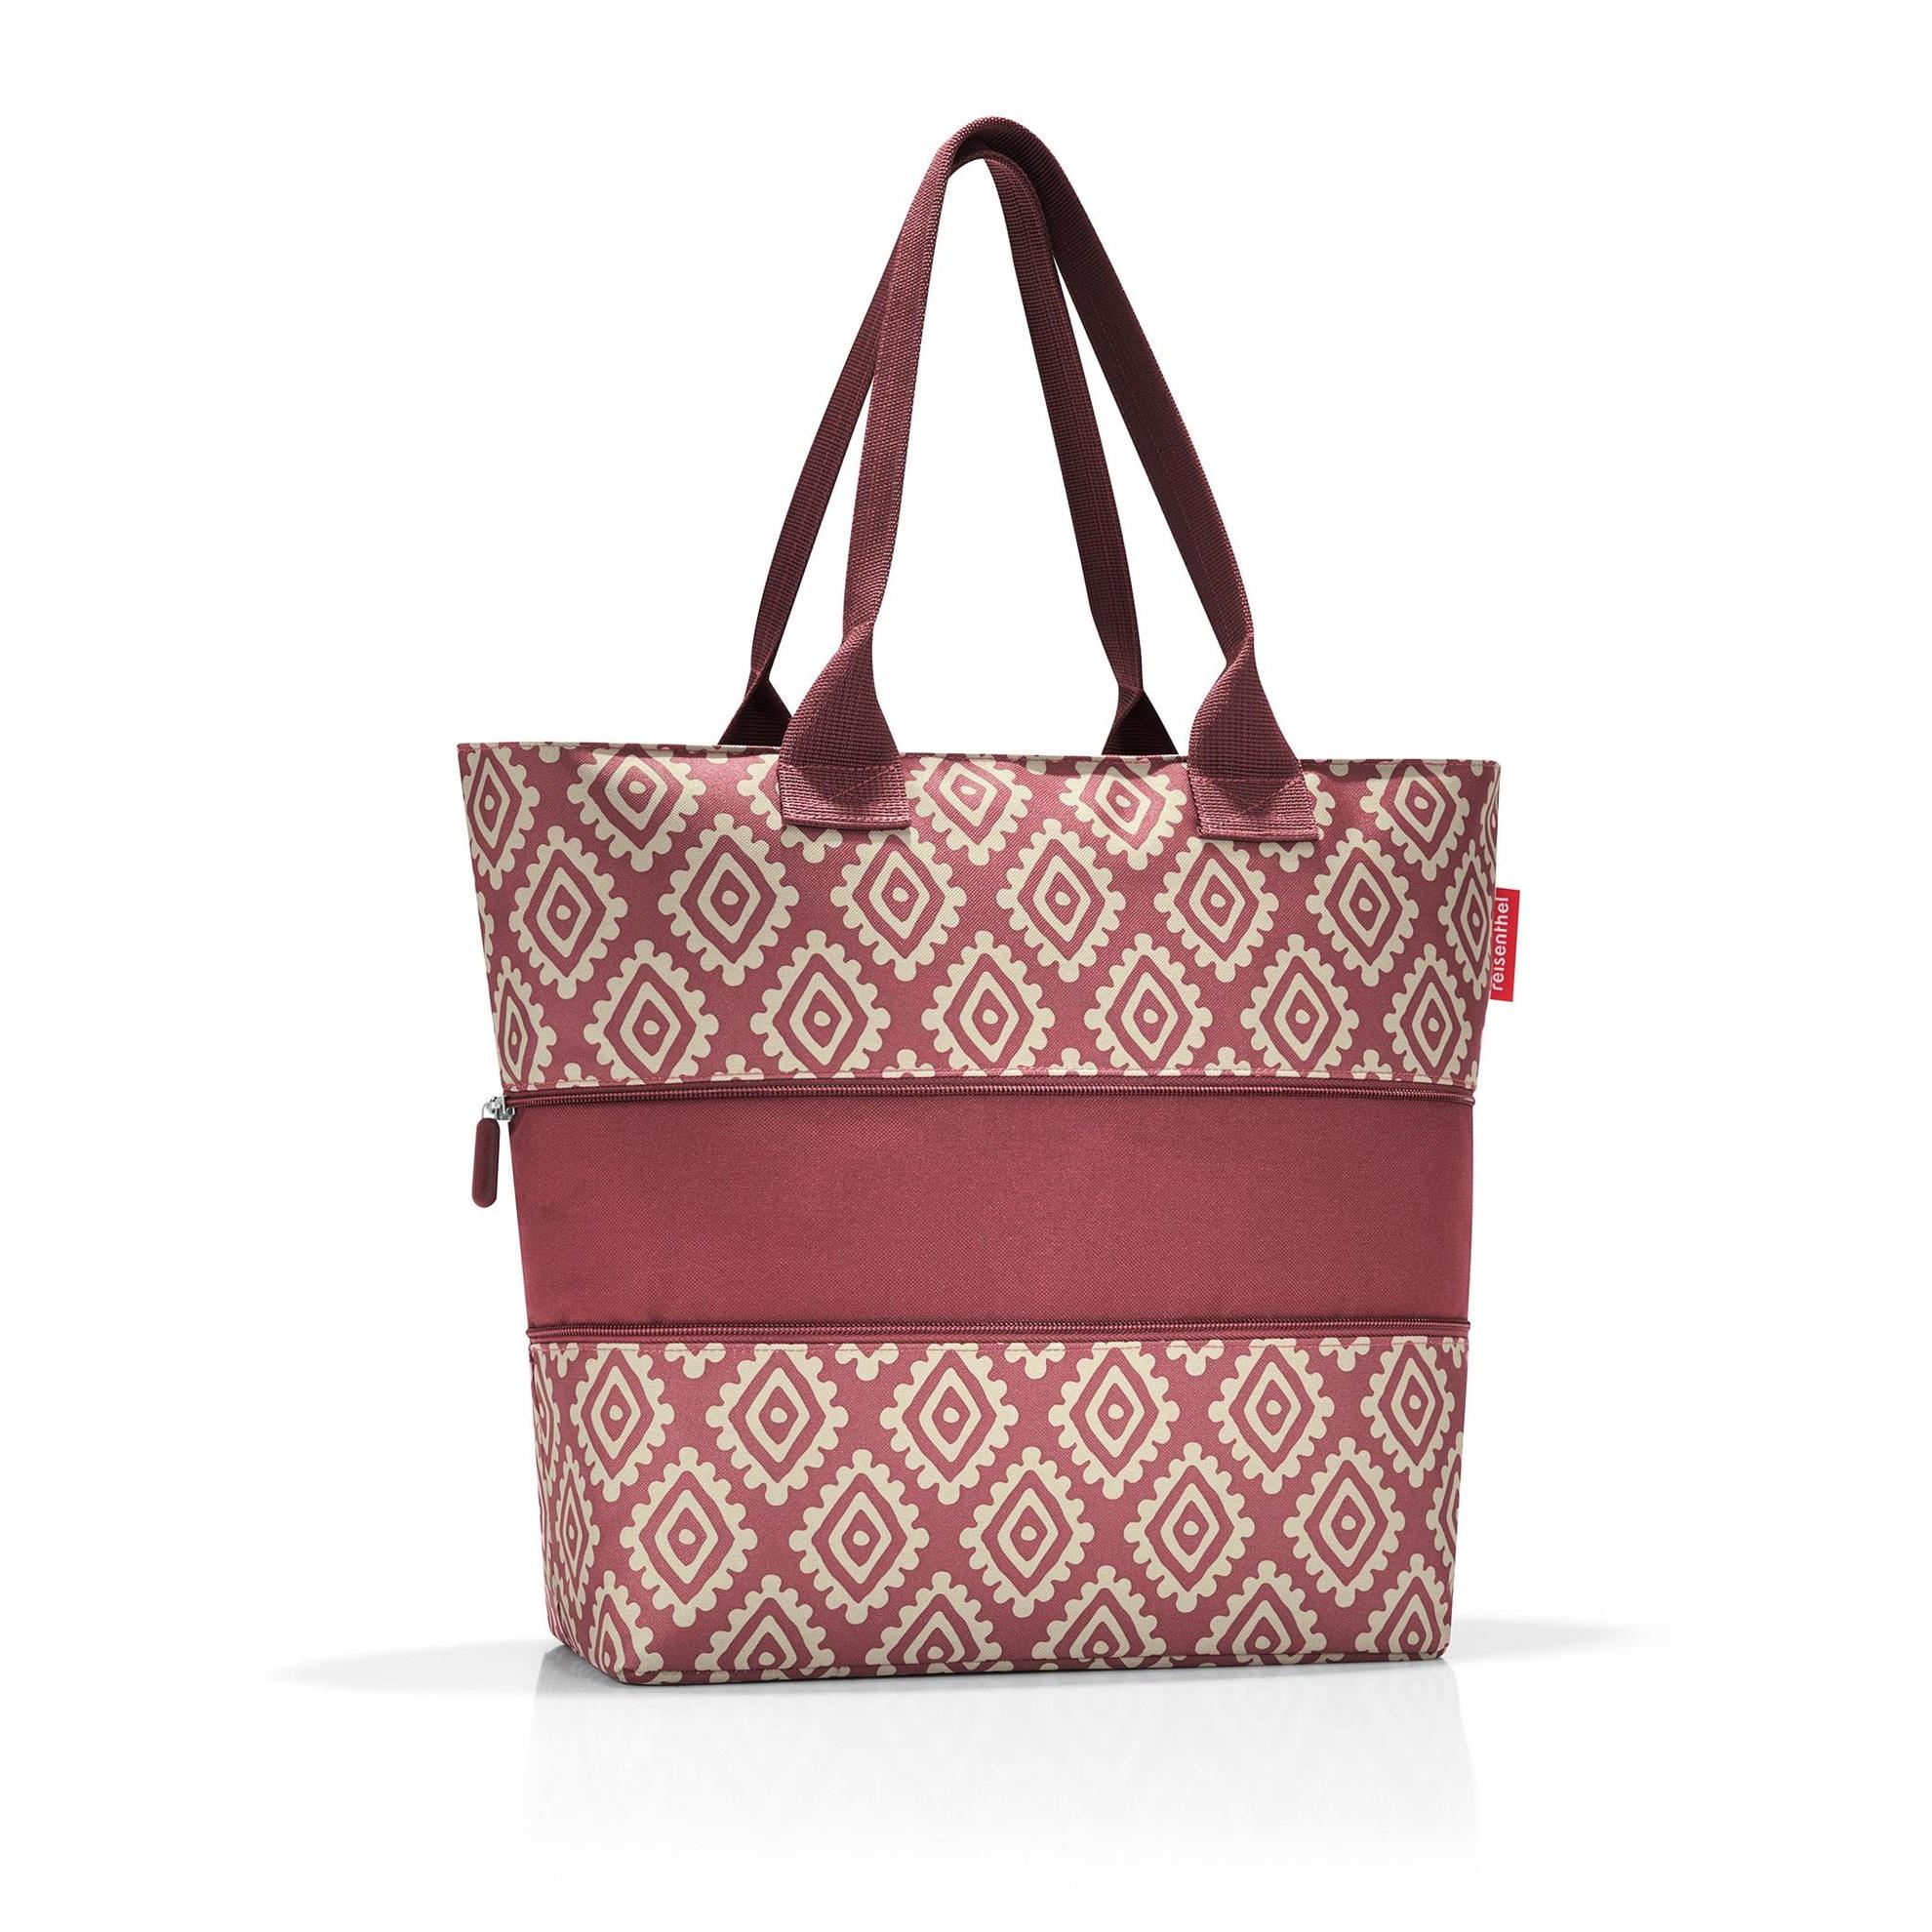 Nákupní taška SHOPPER e1 diamonds rouge_0